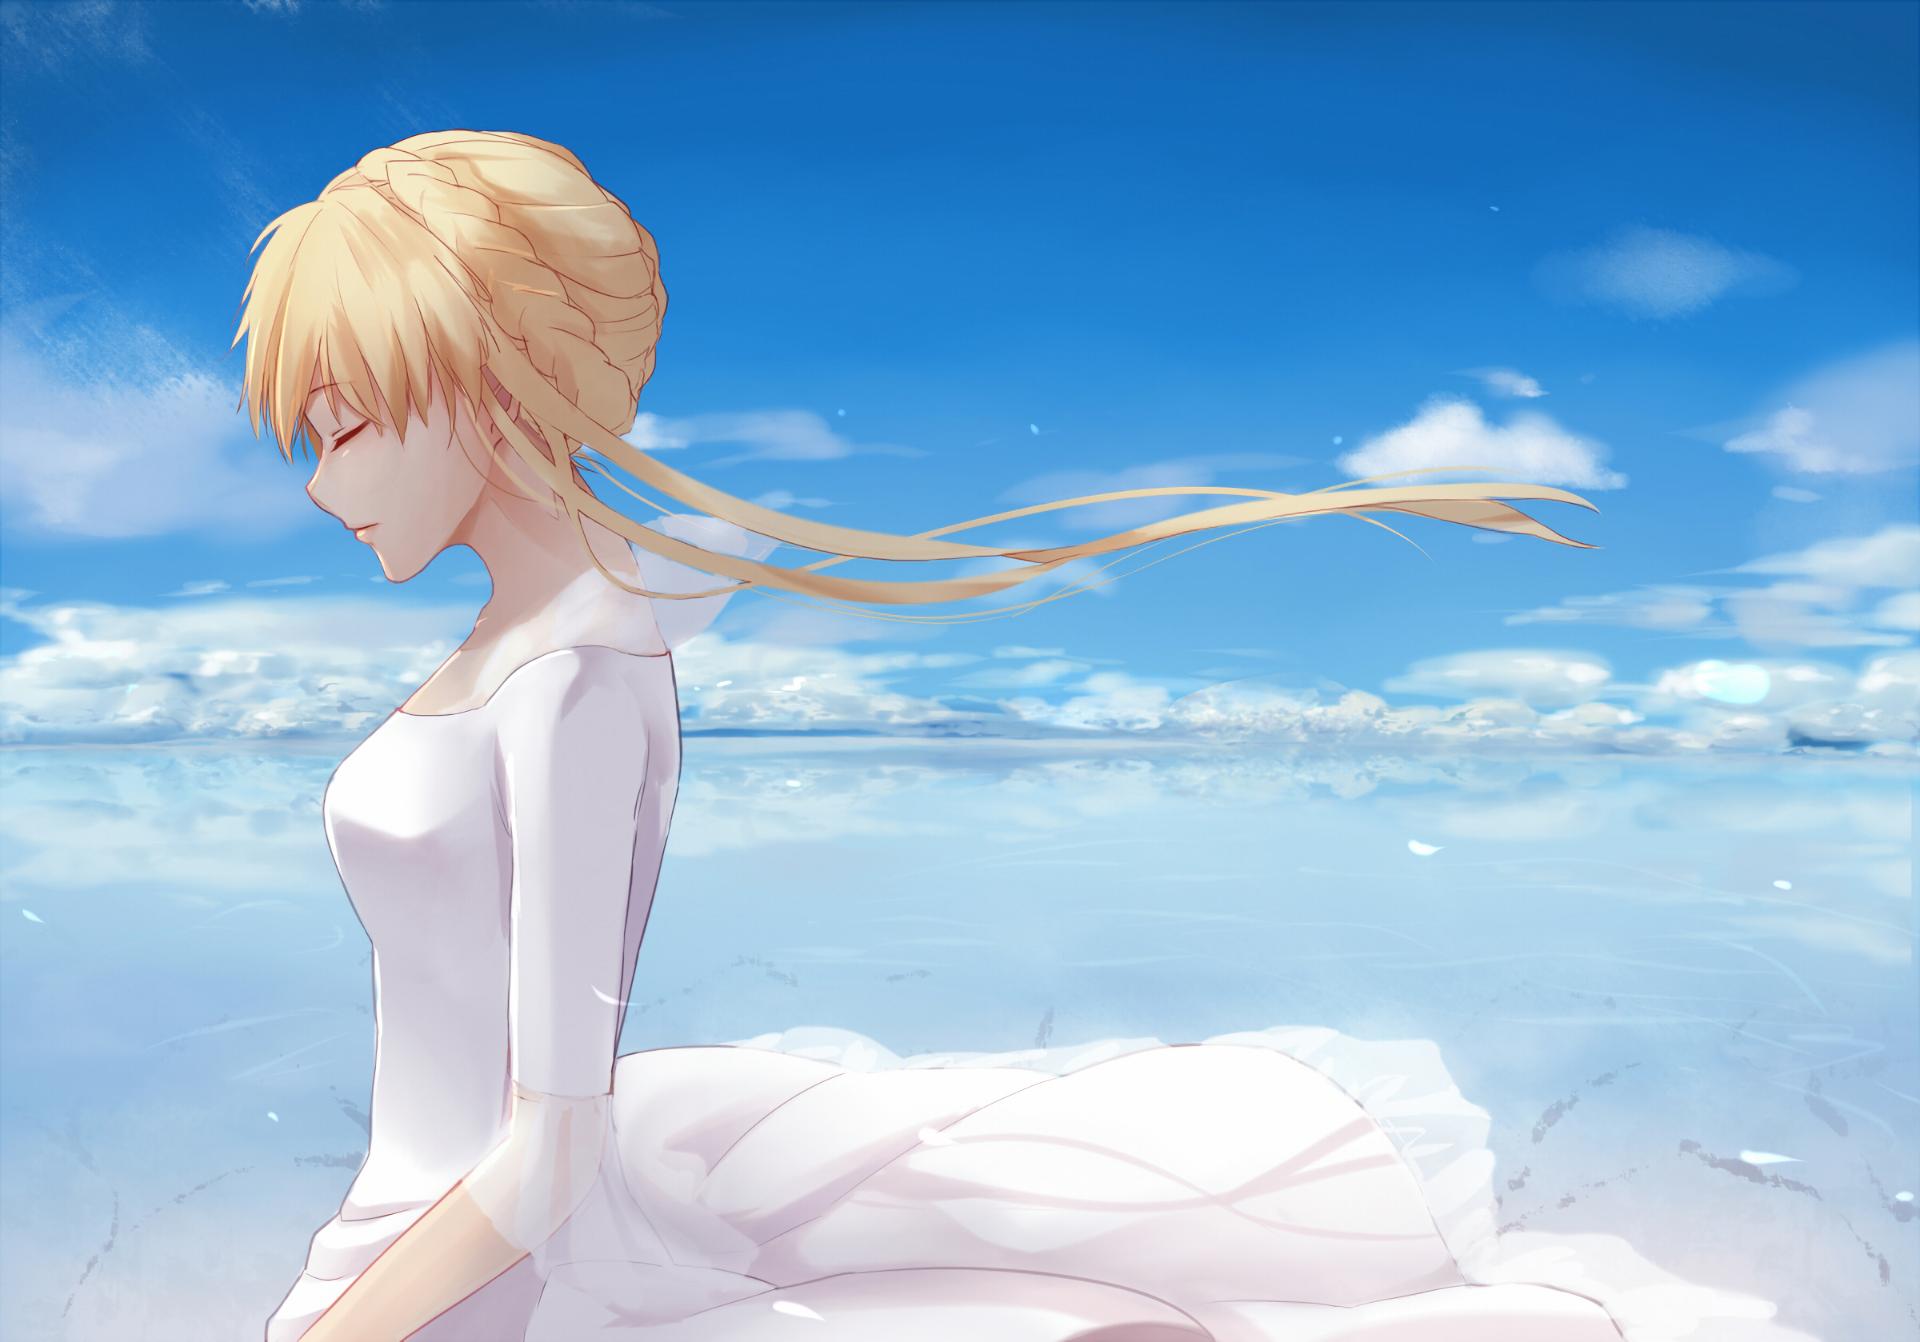 Anime - Aldnoah.Zero  Asseylum Vers Allusia Wallpaper